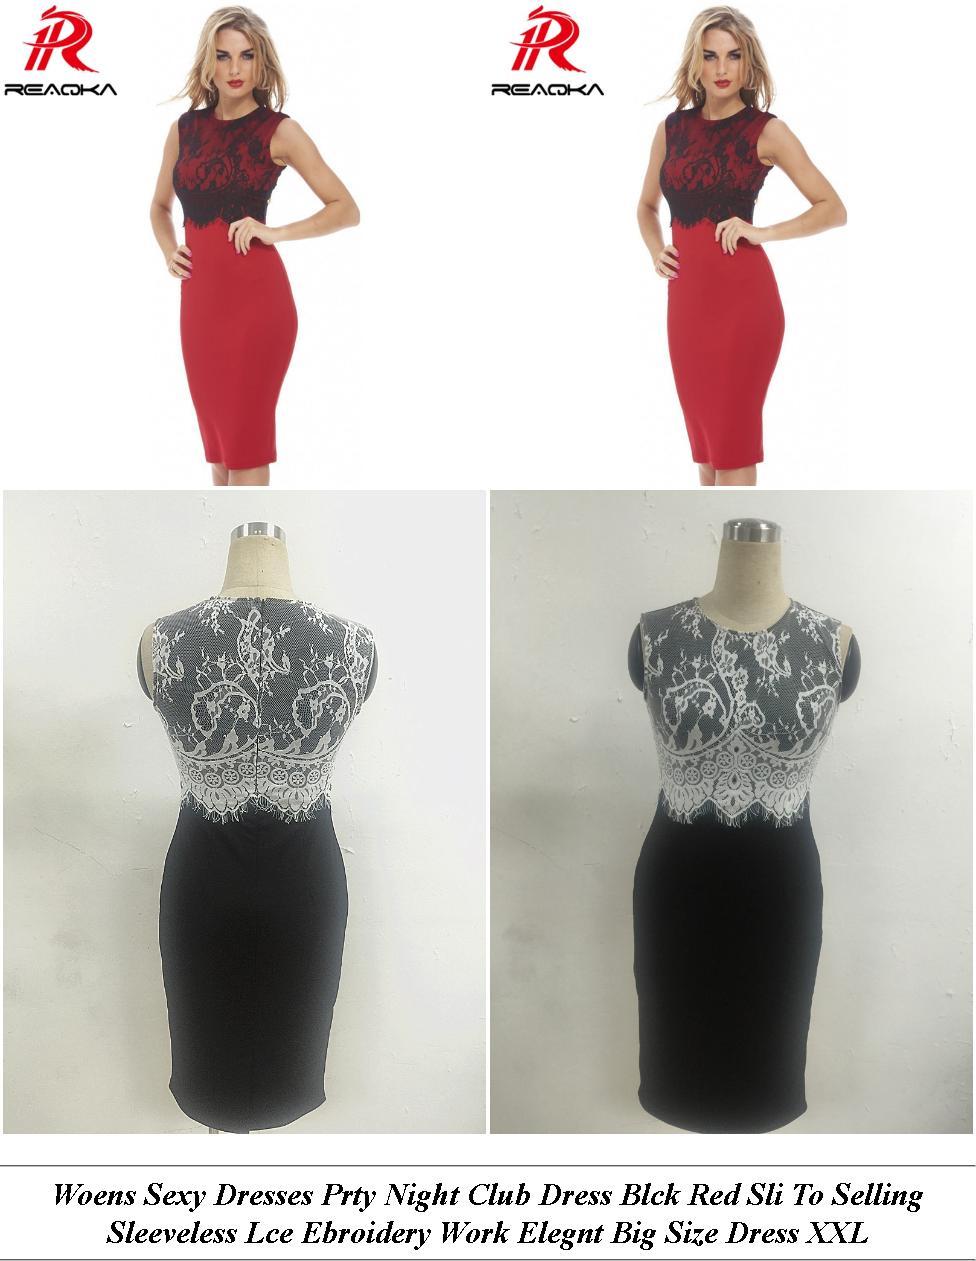 Plus Size Cocktail Dresses Near Me - Ladies Wear Sales - Lace Dress Lack